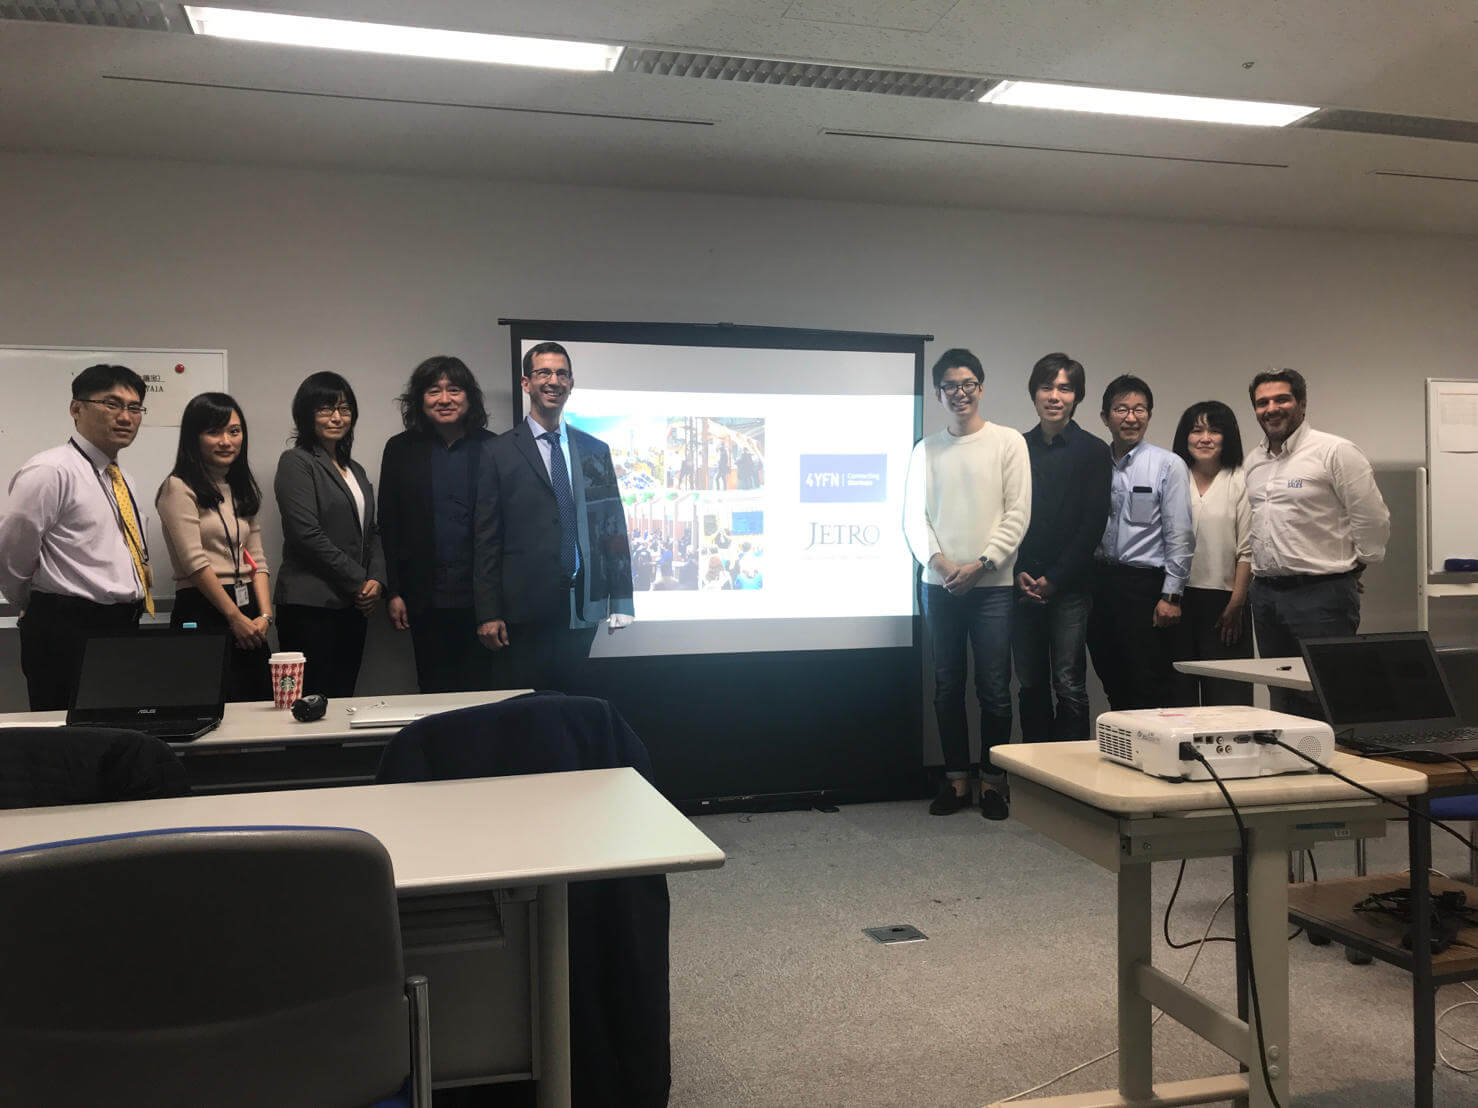 La inversión japonesa, de la mano de JETRO y Peninsula, ayudan a 20 startups en su expansión en España.